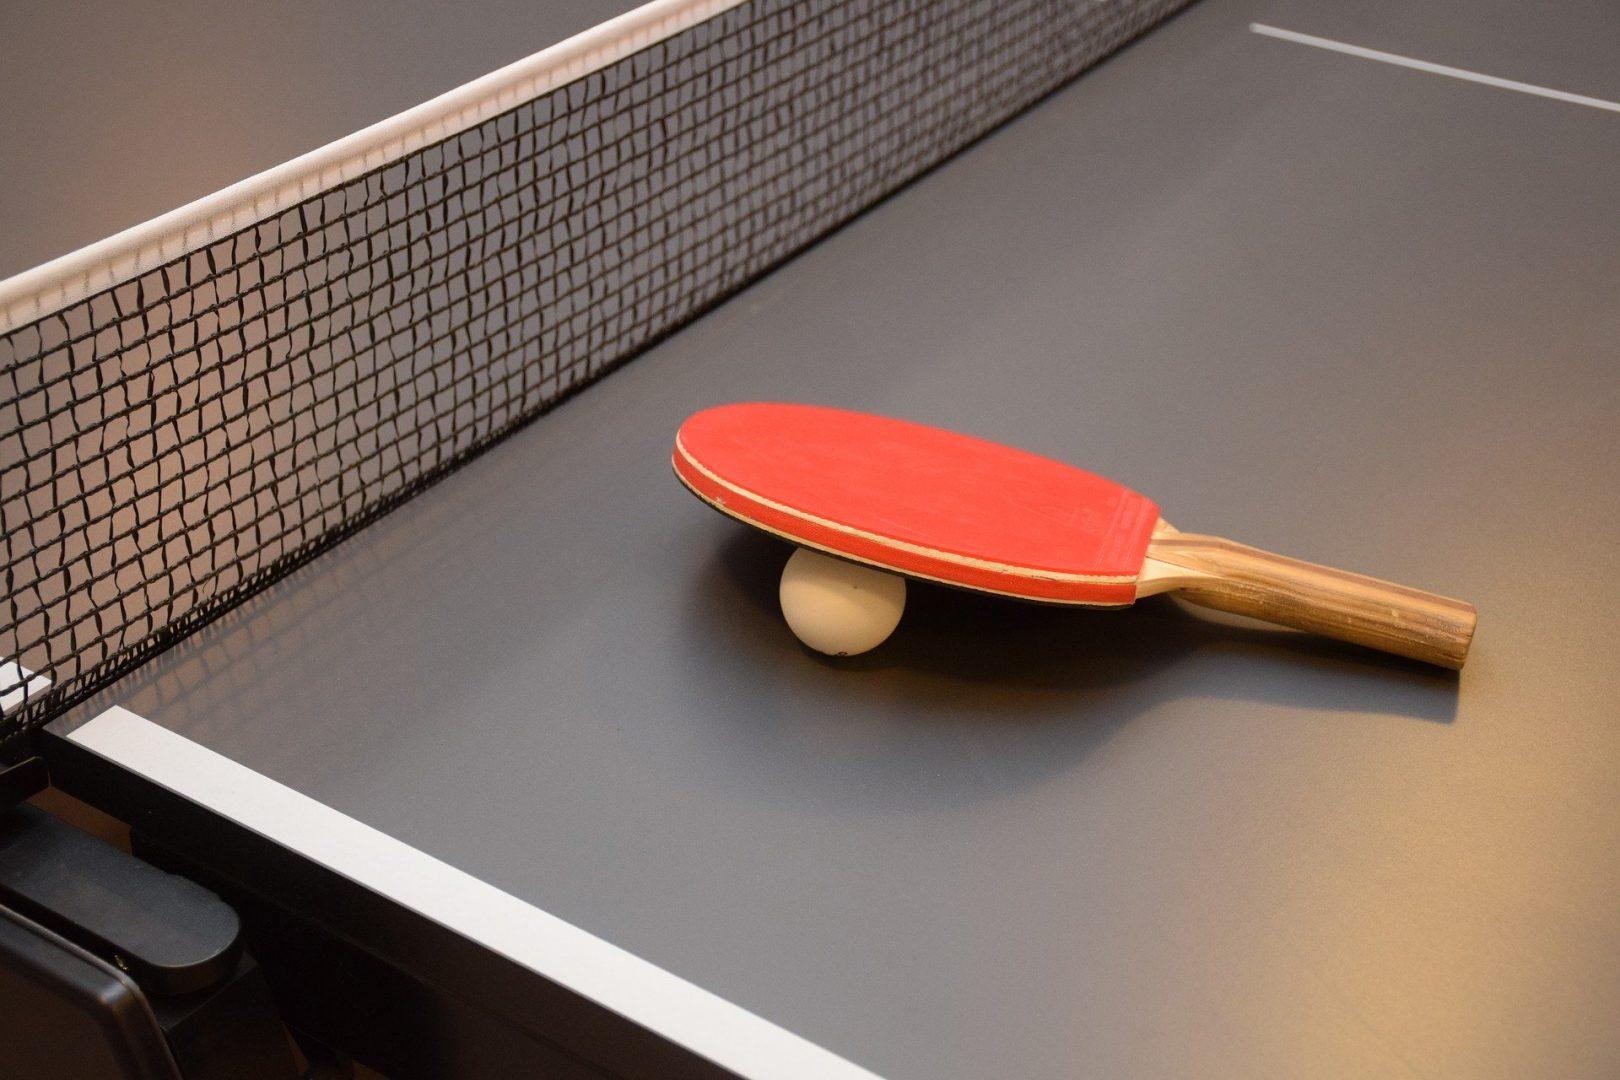 【初心者必見】ダブルスの動き方と練習方法 右・左ペア編|卓球基本技術レッスン